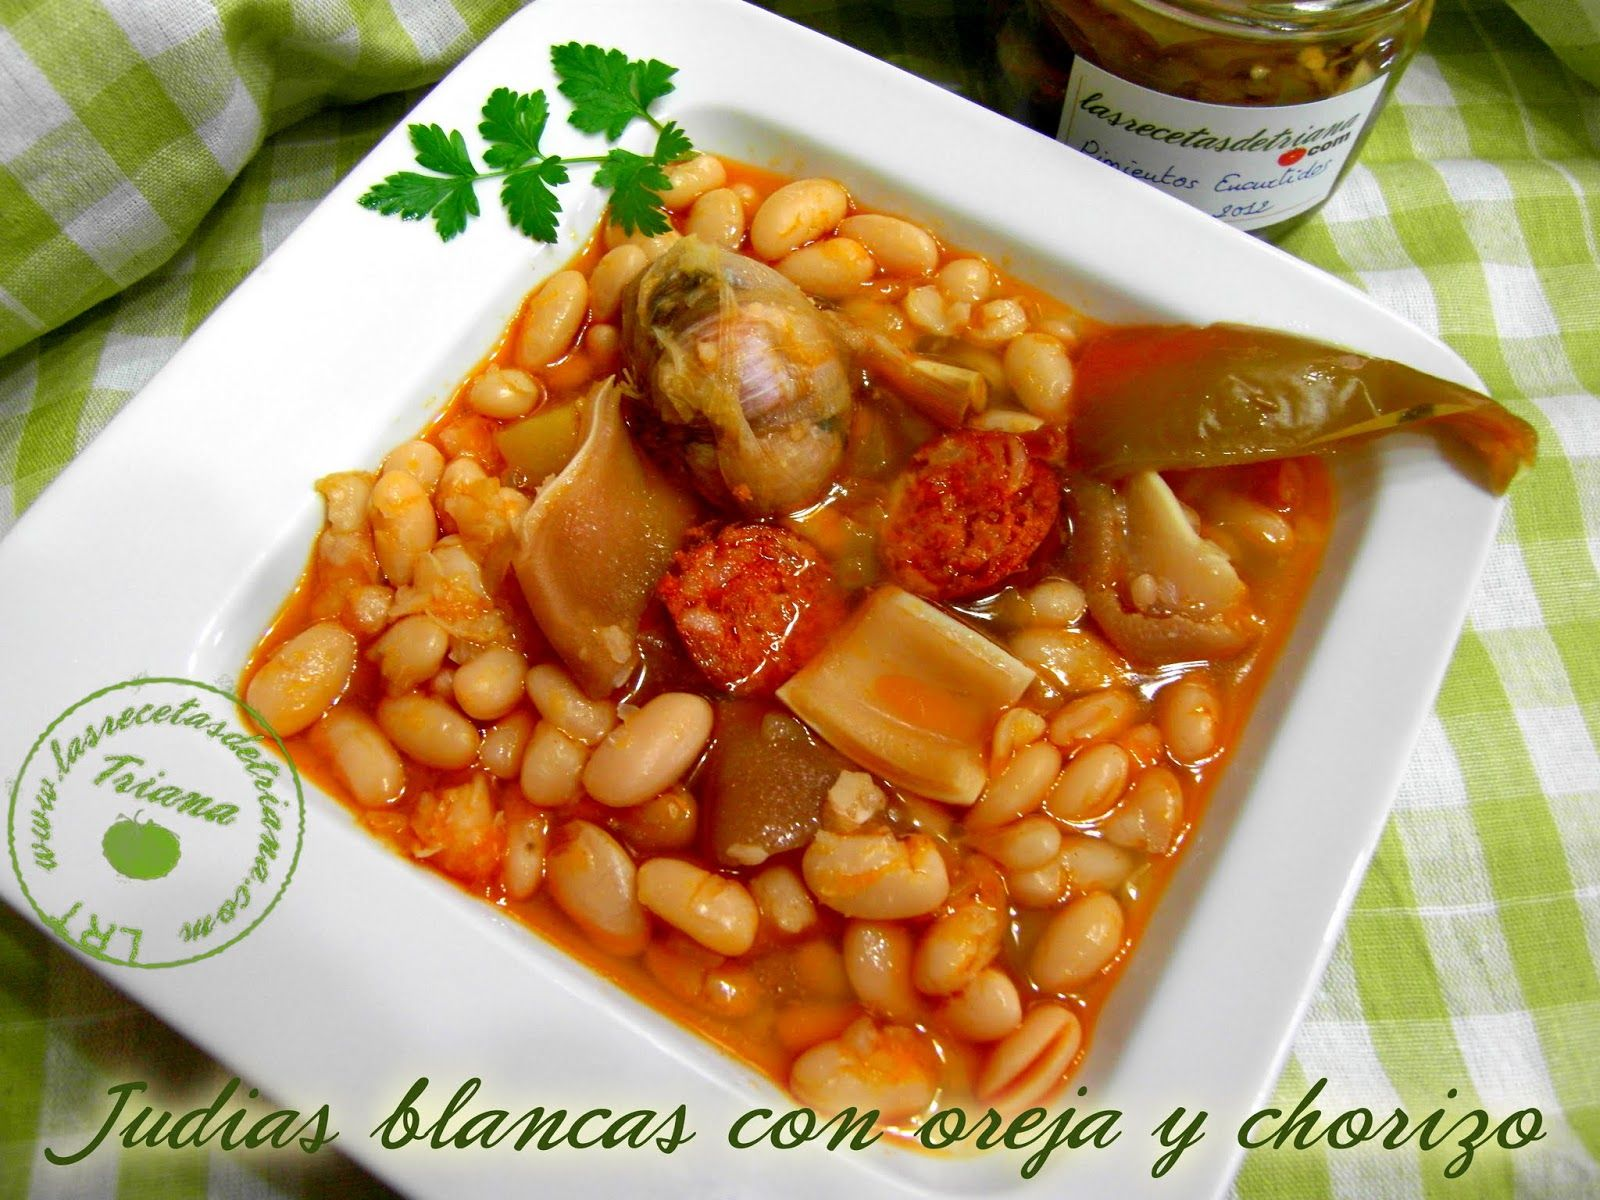 Judias Blancas Con Oreja Y Chorizo Judias Blancas Garbanzos Con Chorizo Platos Faciles De Preparar